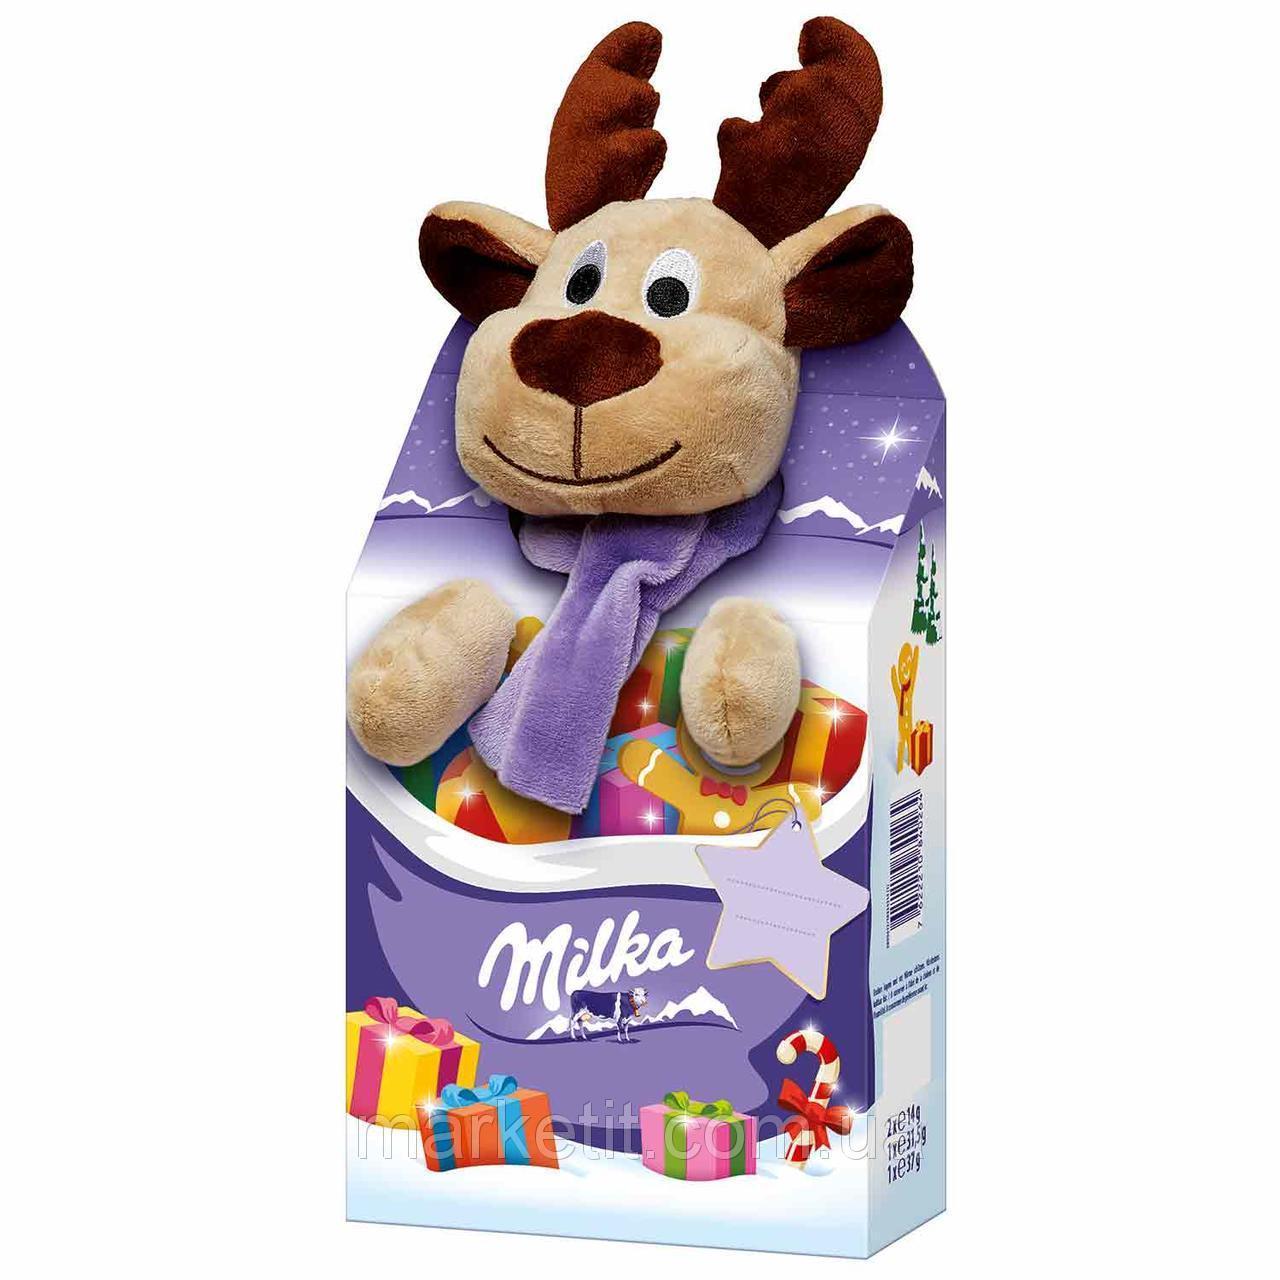 Новогодний Набор сладостей Milka c мягкой игрушкой Олень, фото 1